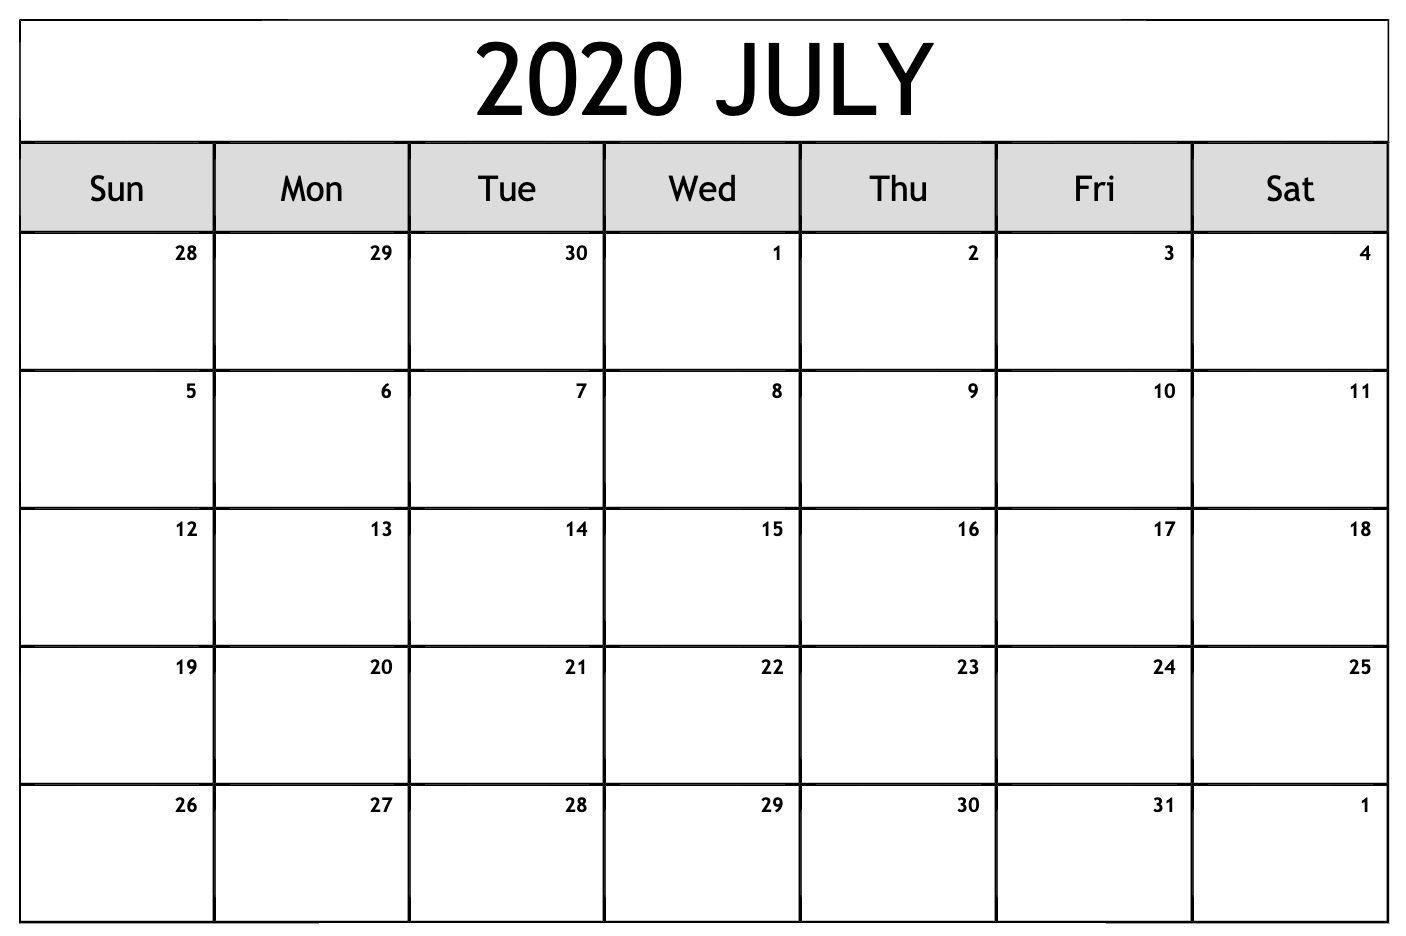 001 Dreaded Printable Calendar Template November 2020 Sample  FreeFull